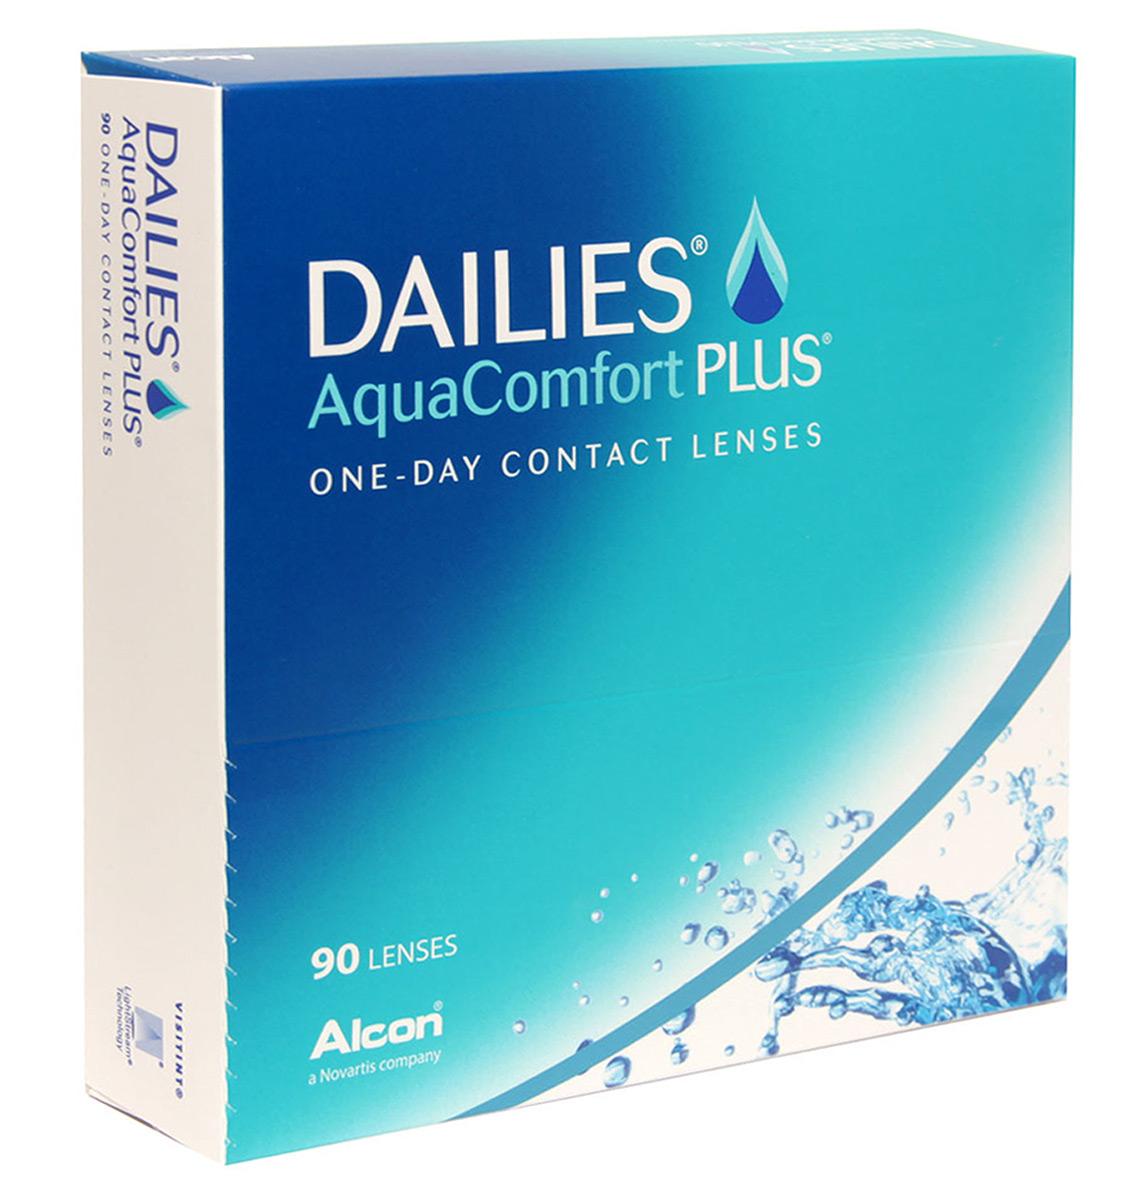 Alcon-CIBA Vision контактные линзы Dailies AquaComfort Plus (90шт / 8.7 / 14.0 / -1.25)ФМ000003396Dailies AquaComfort Plus - это одни из самых популярных однодневных линз производства компании Ciba Vision. Эти линзы пользуются огромной популярностью во всем мире и являются на сегодняшний день самыми безопасными контактными линзами. Изготавливаются линзы из современного, 100% безопасного материала нелфилкон А. Особенность этого материала в том, что он легко пропускает воздух и хорошо сохраняет влагу. Однодневные контактные линзы Dailies AquaComfort Plus не нуждаются в дополнительном уходе и затратах, каждый день вы надеваете свежую пару линз. Дизайн линзы биосовместимый, что гарантирует безупречный комфорт. Самое главное достоинство Dailies AquaComfort Plus - это их уникальная система увлажнения. Благодаря этой разработке линзы увлажняются тремя различными агентами. Первый компонент, ухаживающий за линзами, находится в растворе, он как бы обволакивает линзу, обеспечивая чрезвычайно комфортное надевание. Второй агент выделяется на протяжении всего дня, он непрерывно смачивает линзы. Третий - увлажняющий агент, выделяется во время моргания, благодаря ему поддерживается постоянный комфорт. Также линзы имеют УФ-фильтр, который будет заботиться о ваших глазах. Dailies AquaComfort Plus - одни из лучших линз в своей категории. Всемирно известная компания Ciba Vision, создавая эти контактные линзы, попыталась учесть все потребности пациентов и ей это удалось! Характеристики:Материал: нелфилкон А. Кривизна: 8.7. Оптическая сила: - 1.25. Содержание воды: 69%. Диаметр: 14,0 мм. Количество линз: 90 шт. Размер упаковки: 15 см х 5 см х 3 см. Производитель: США. Товар сертифицирован.Уважаемые клиенты!Обращаем ваше внимание на возможные изменения в дизайне упаковки. Качественные характеристики товара остаются неизменными. Поставка осуществляется в зависимости от наличия на складе.Контактные линзы или очки: советы офтальмологов. Статья OZON Гид